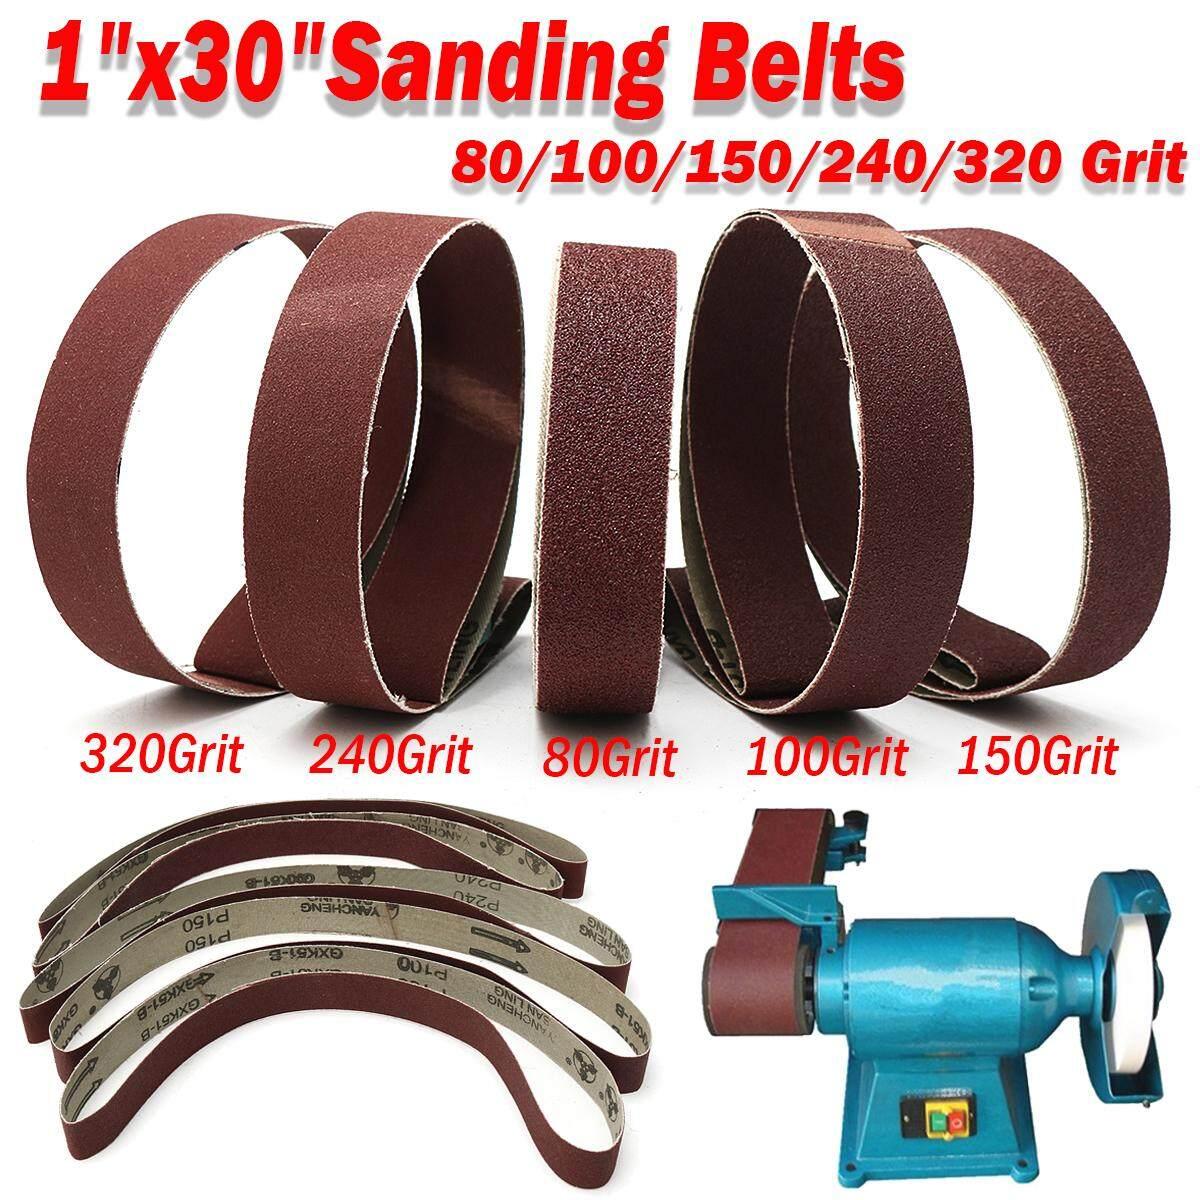 5Pcs 1x30 Sanding Belts 80/100/150/240/320 Grit Aluminum Oxide Sander Abrasive